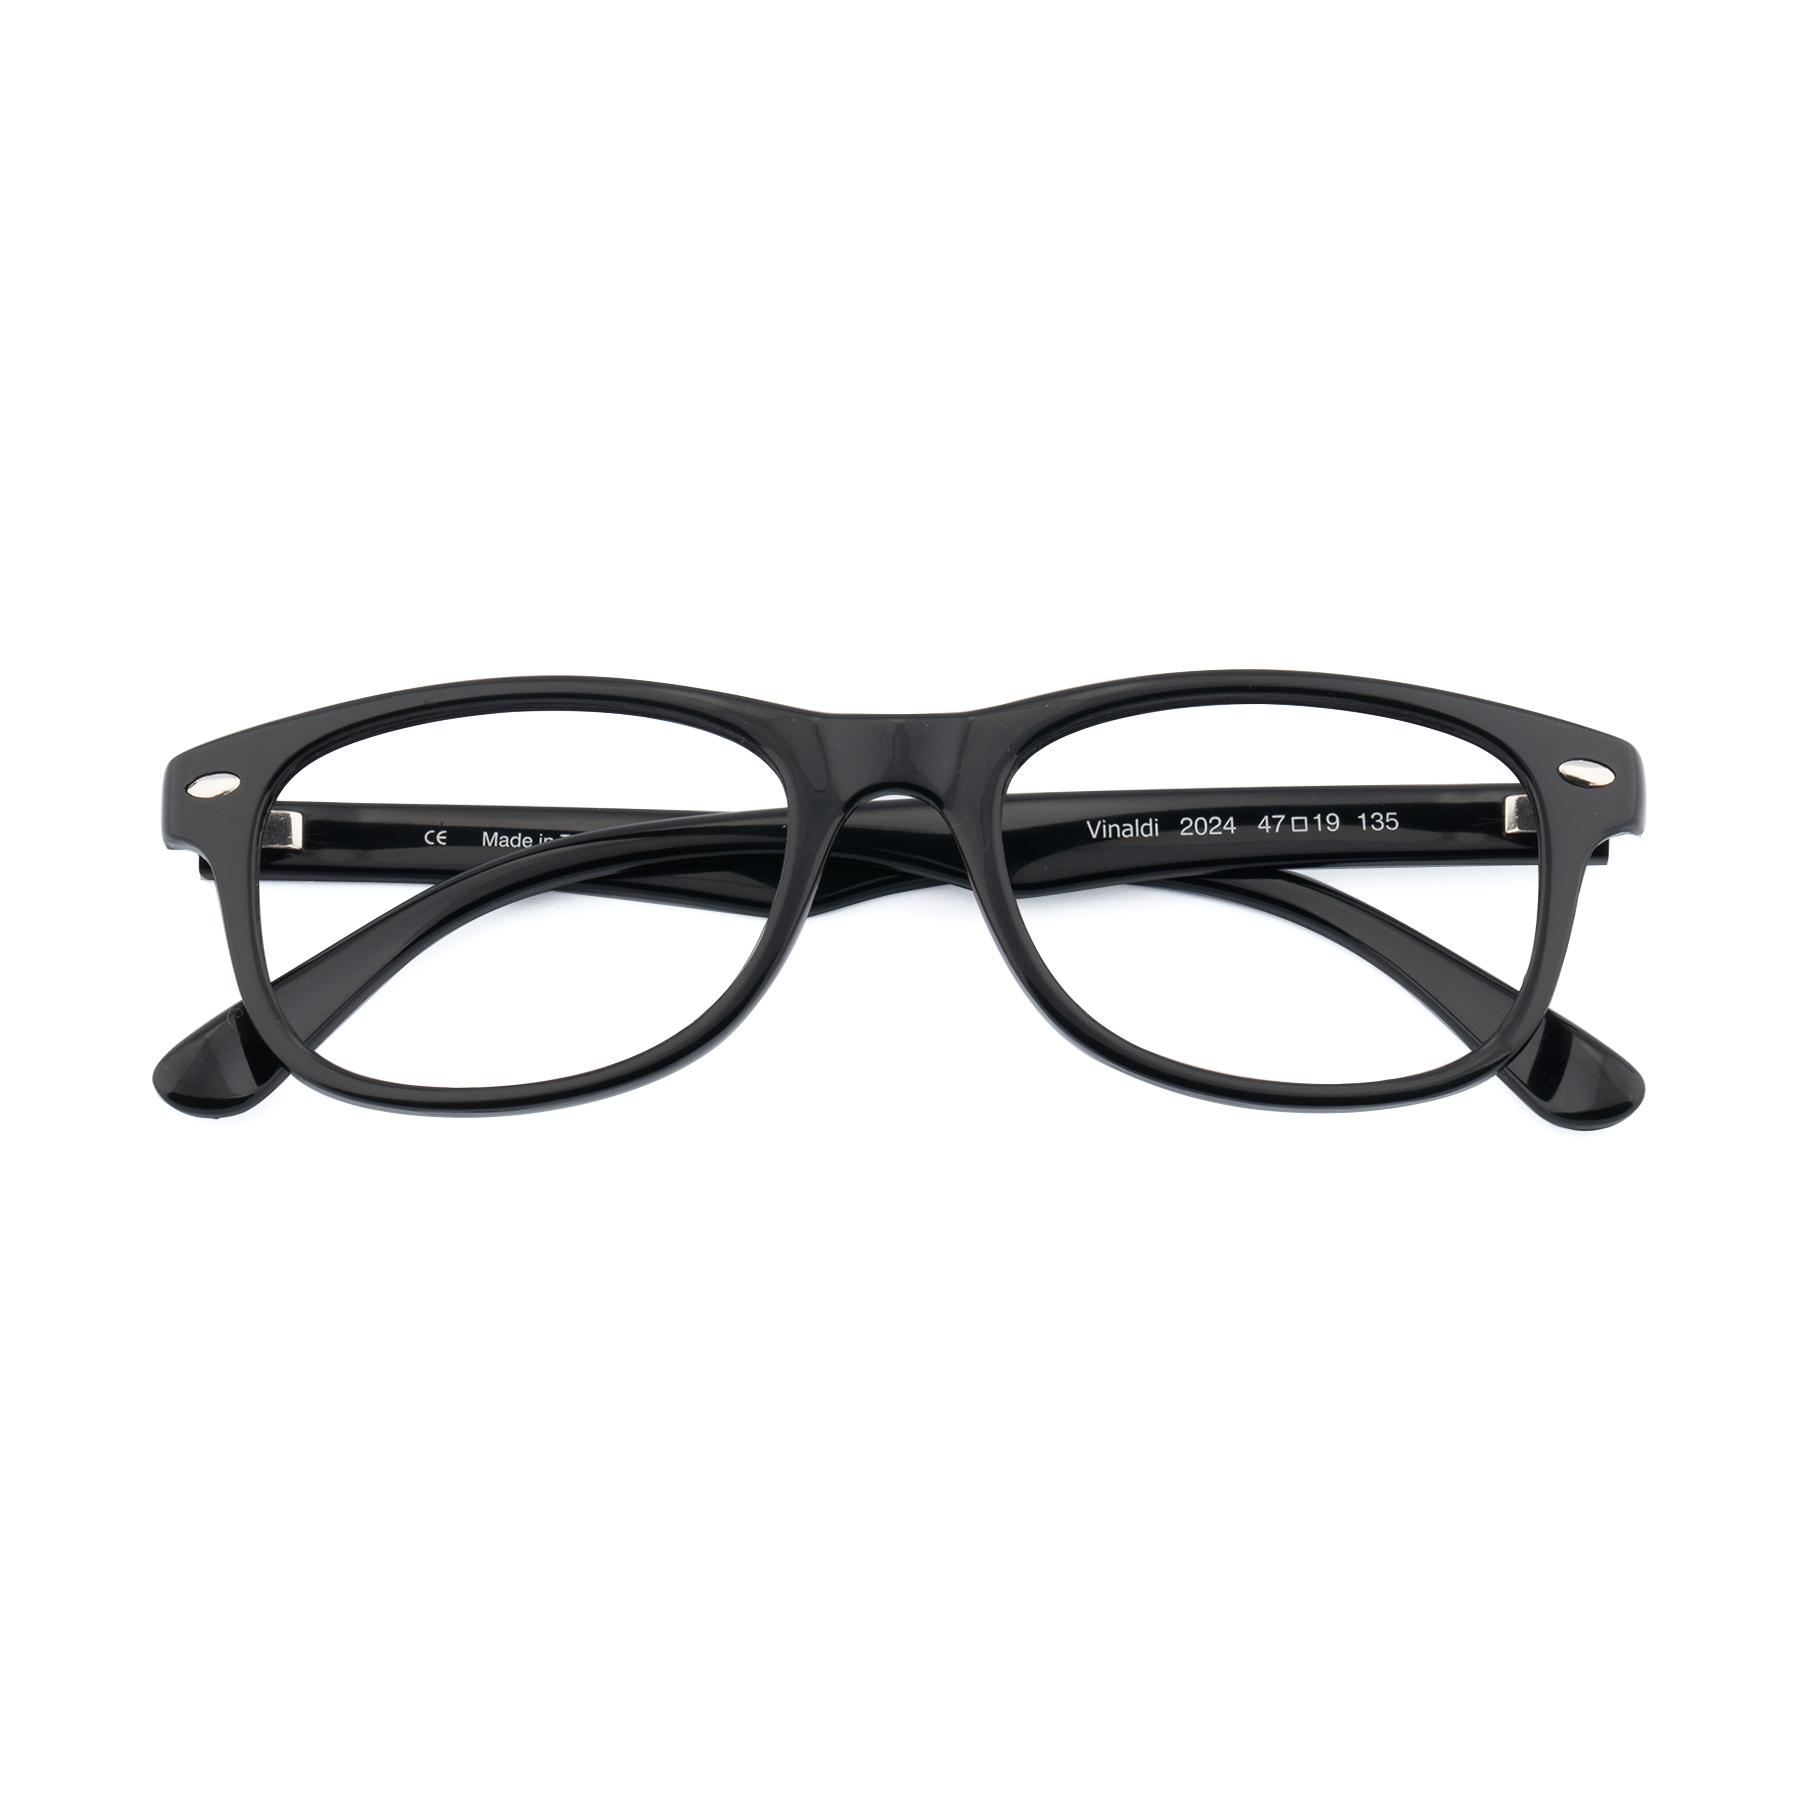 Vinaldi 2024 Gözlük Çerçevesi